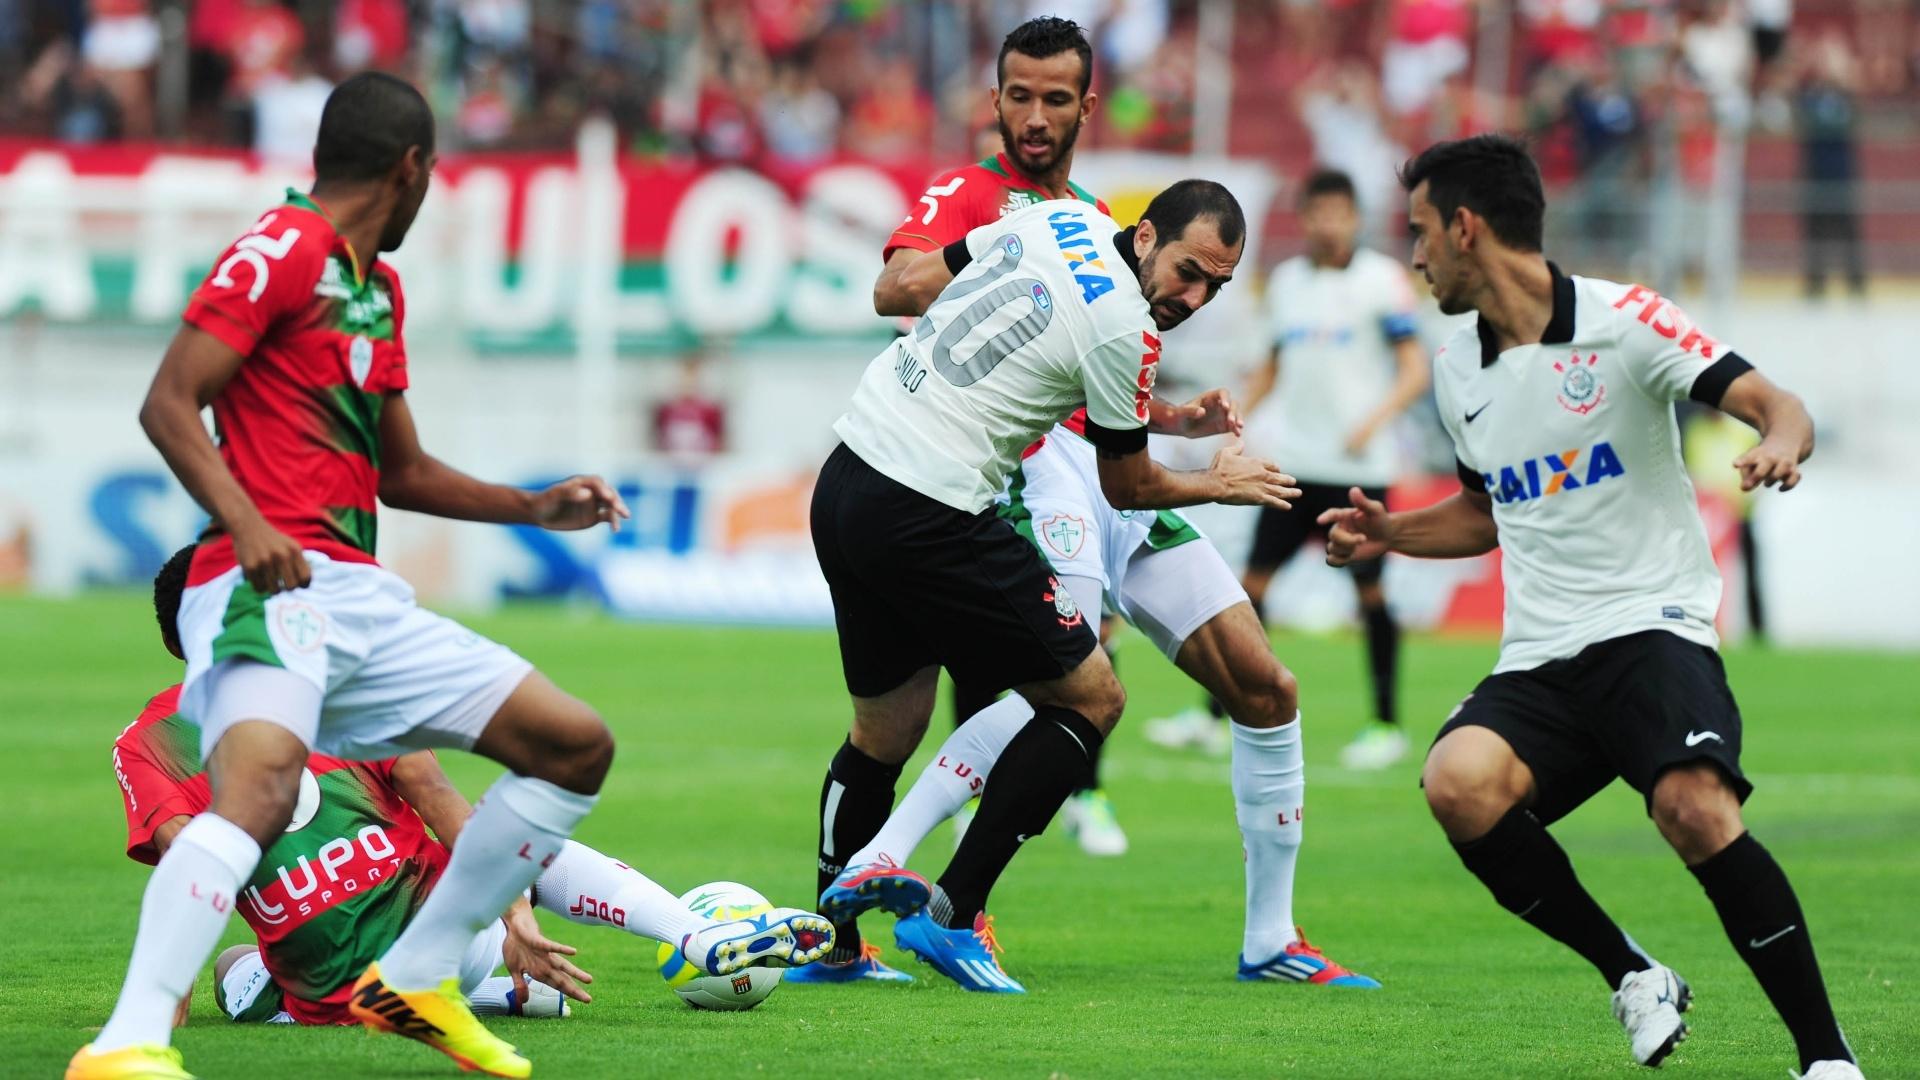 19.jan.2014 - Jogadores de Corinthians e Portuguesa disputam bola no meio de campo durante partida pelo Campeonato Paulista